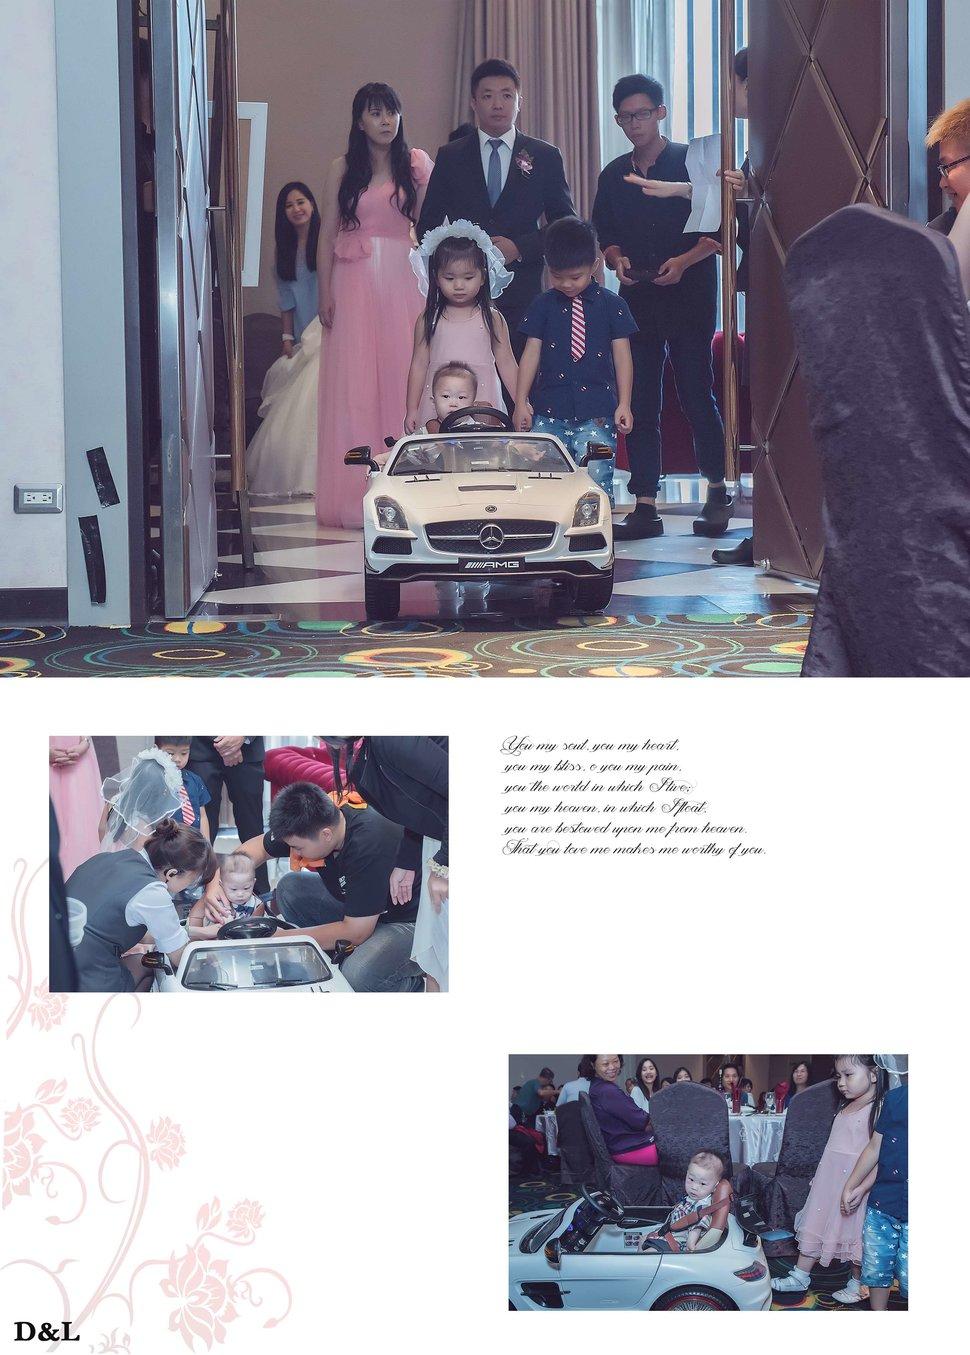 台中婚攝 婚禮紀錄 顥天&美彣-菊園婚宴會館(編號:253188) - D&L 婚禮事務-婚紗攝影/婚禮記錄 - 結婚吧